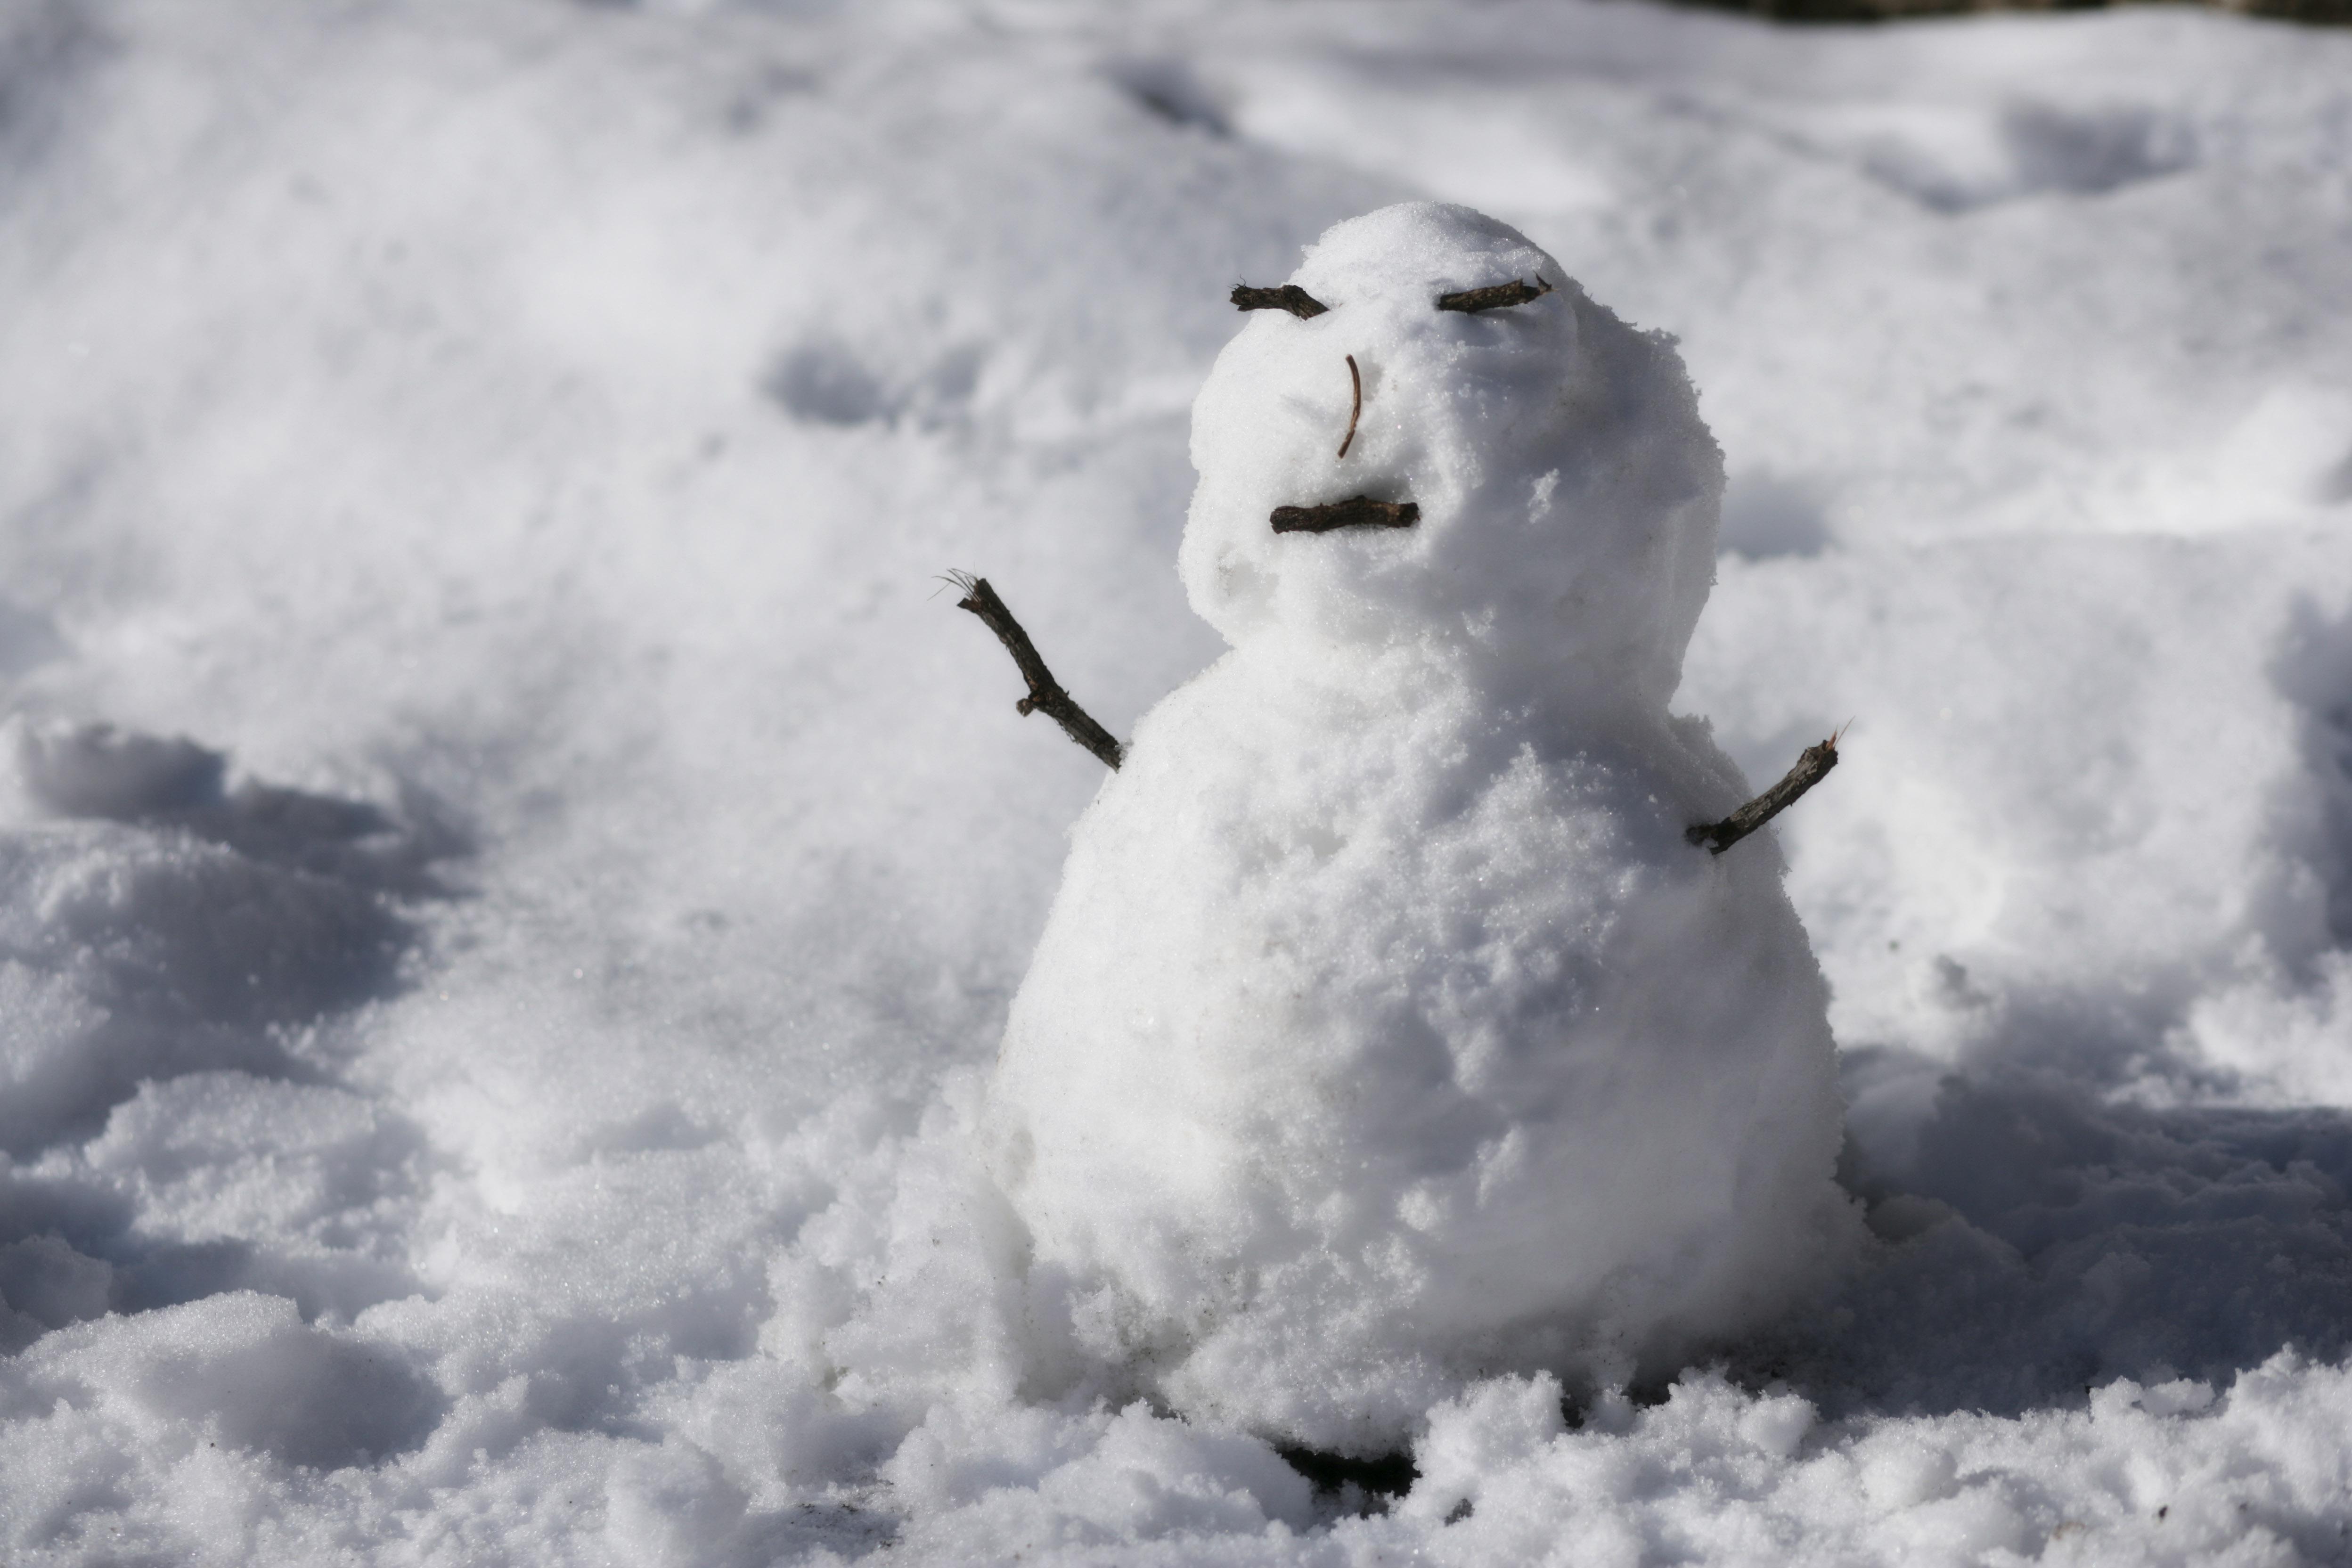 ゆんフリー写真素材集 No 3323 雪だるまの喜び 日本 東京